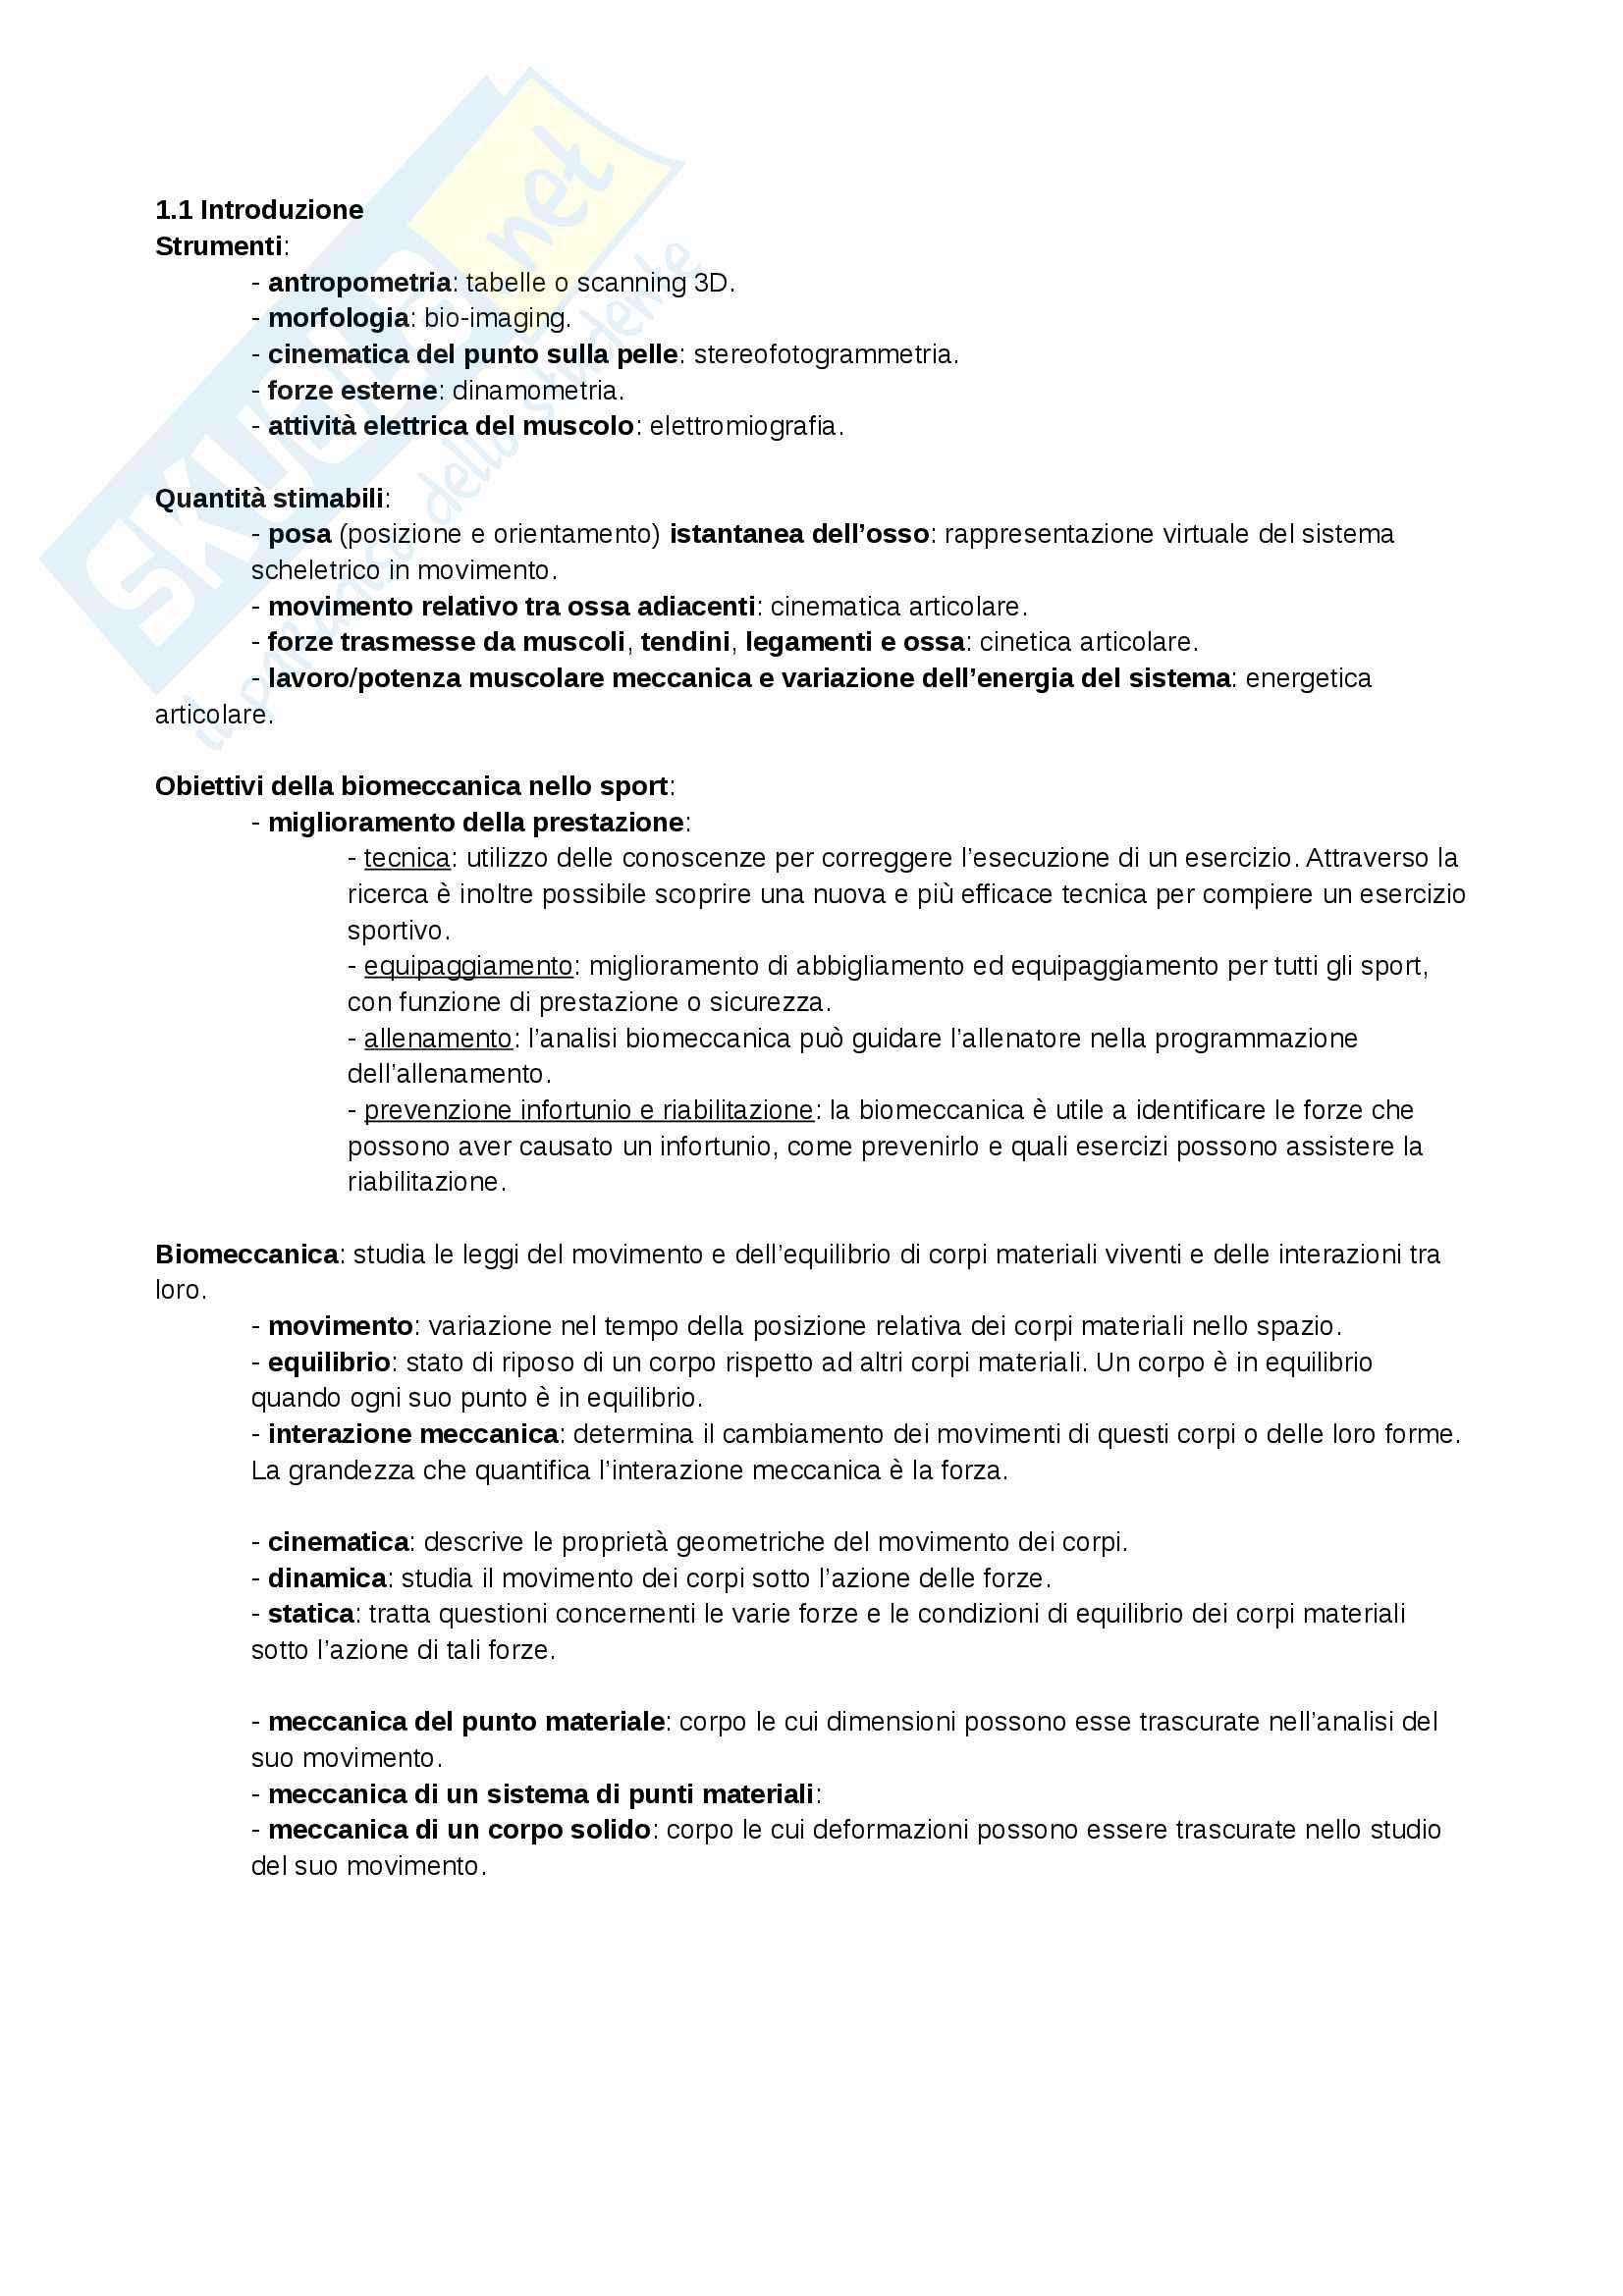 Appunti e slide - Bioingegneria elettronica e informatica